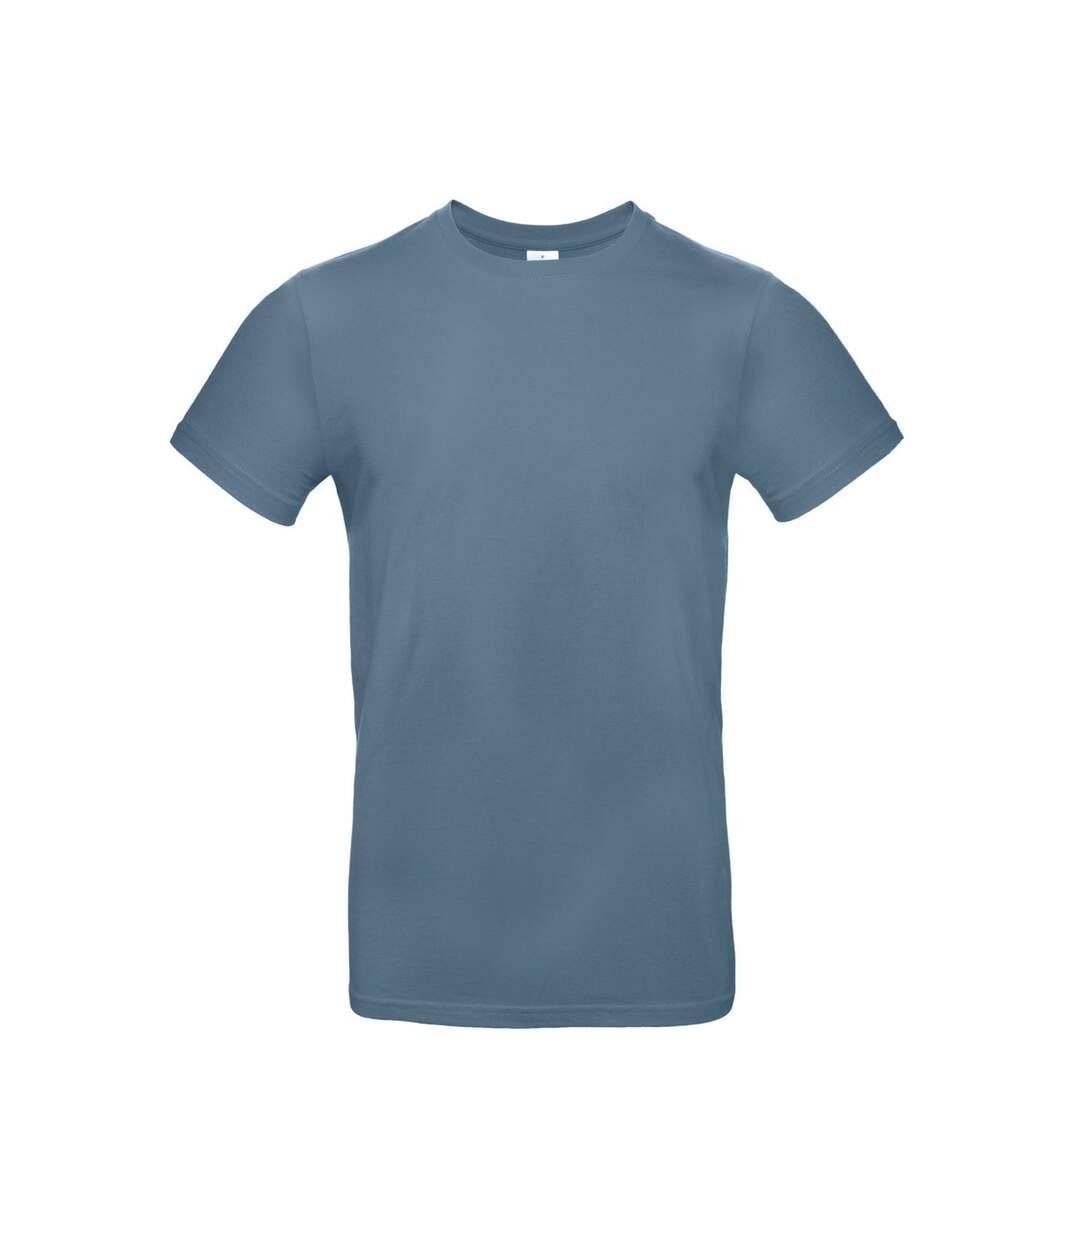 B&C Mens #E190 Tee (Stone Blue) - UTBC3911